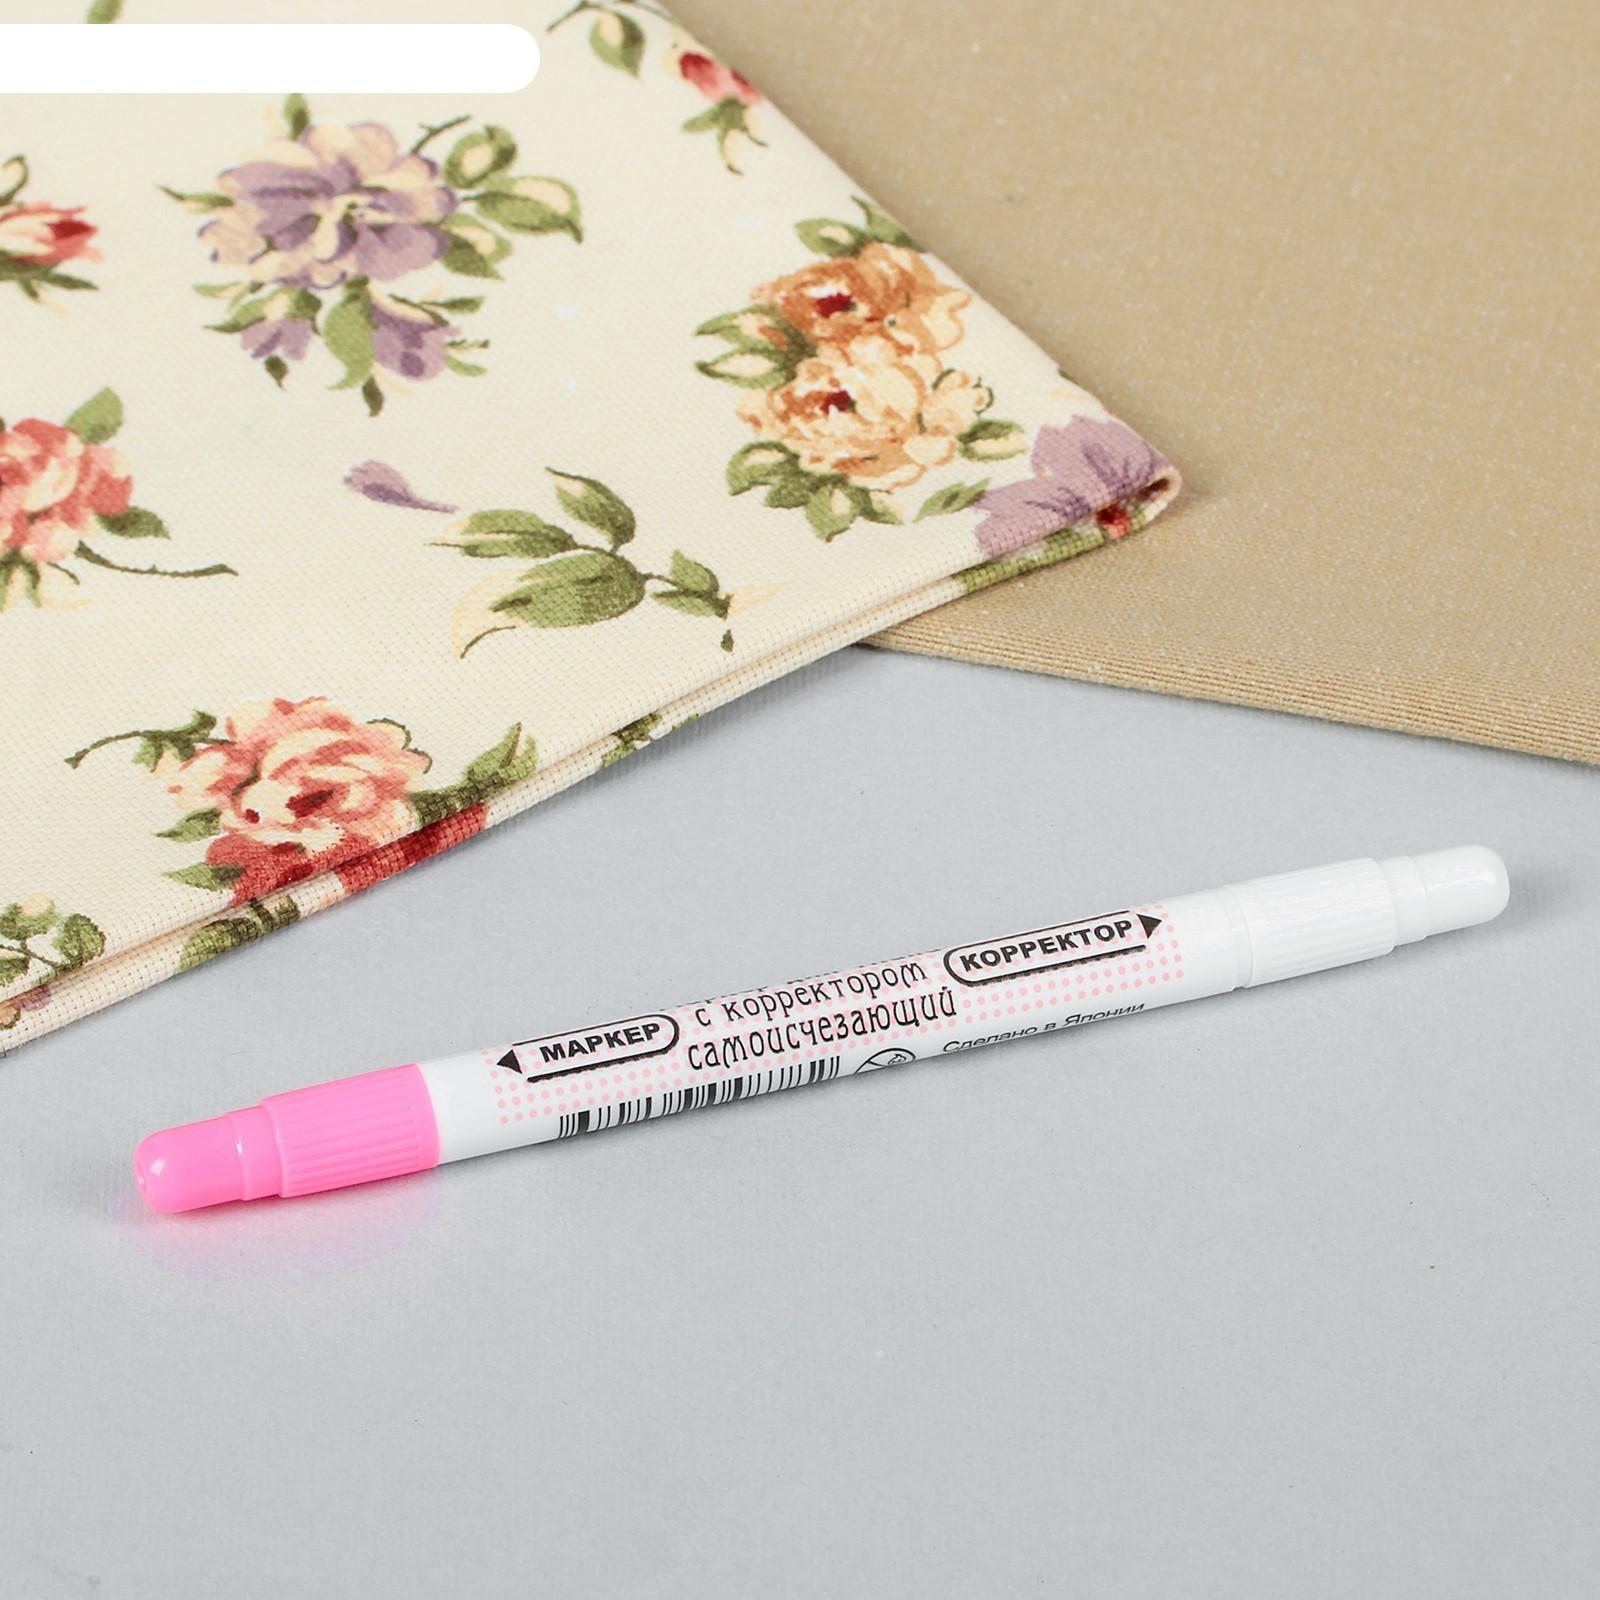 Маркер для ткани самоисчезающий, с корректором, цвет розовый